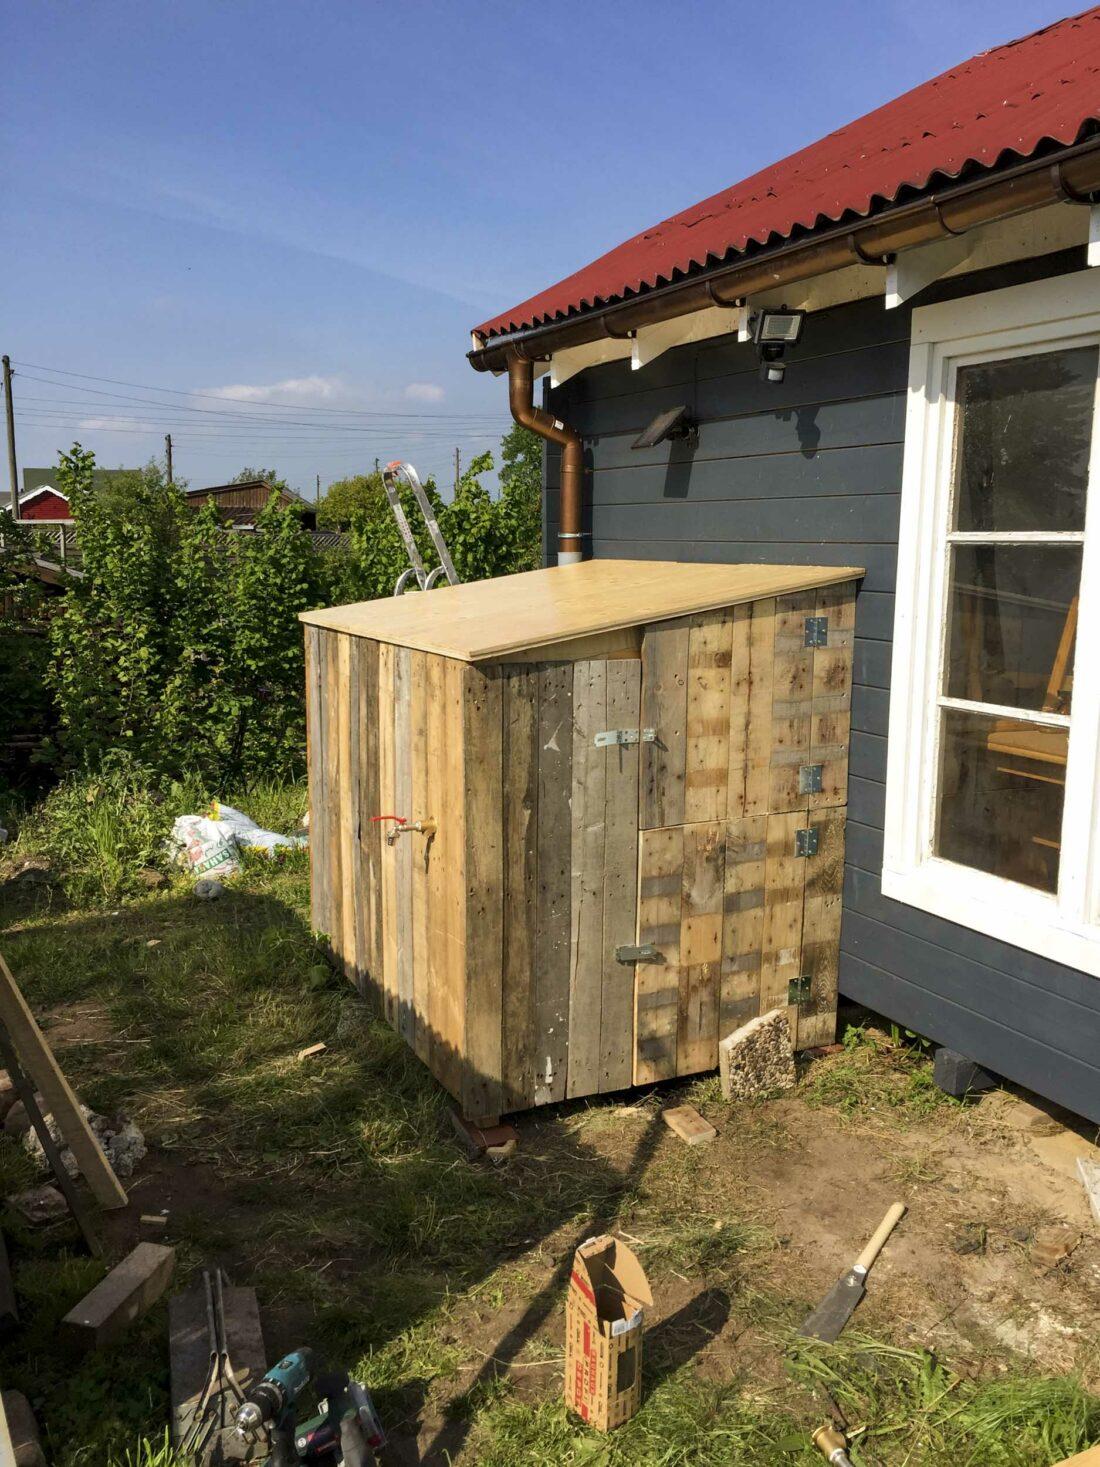 Einen Ibc Container Verkleiden So Gehts Ein Stuck Arbeit